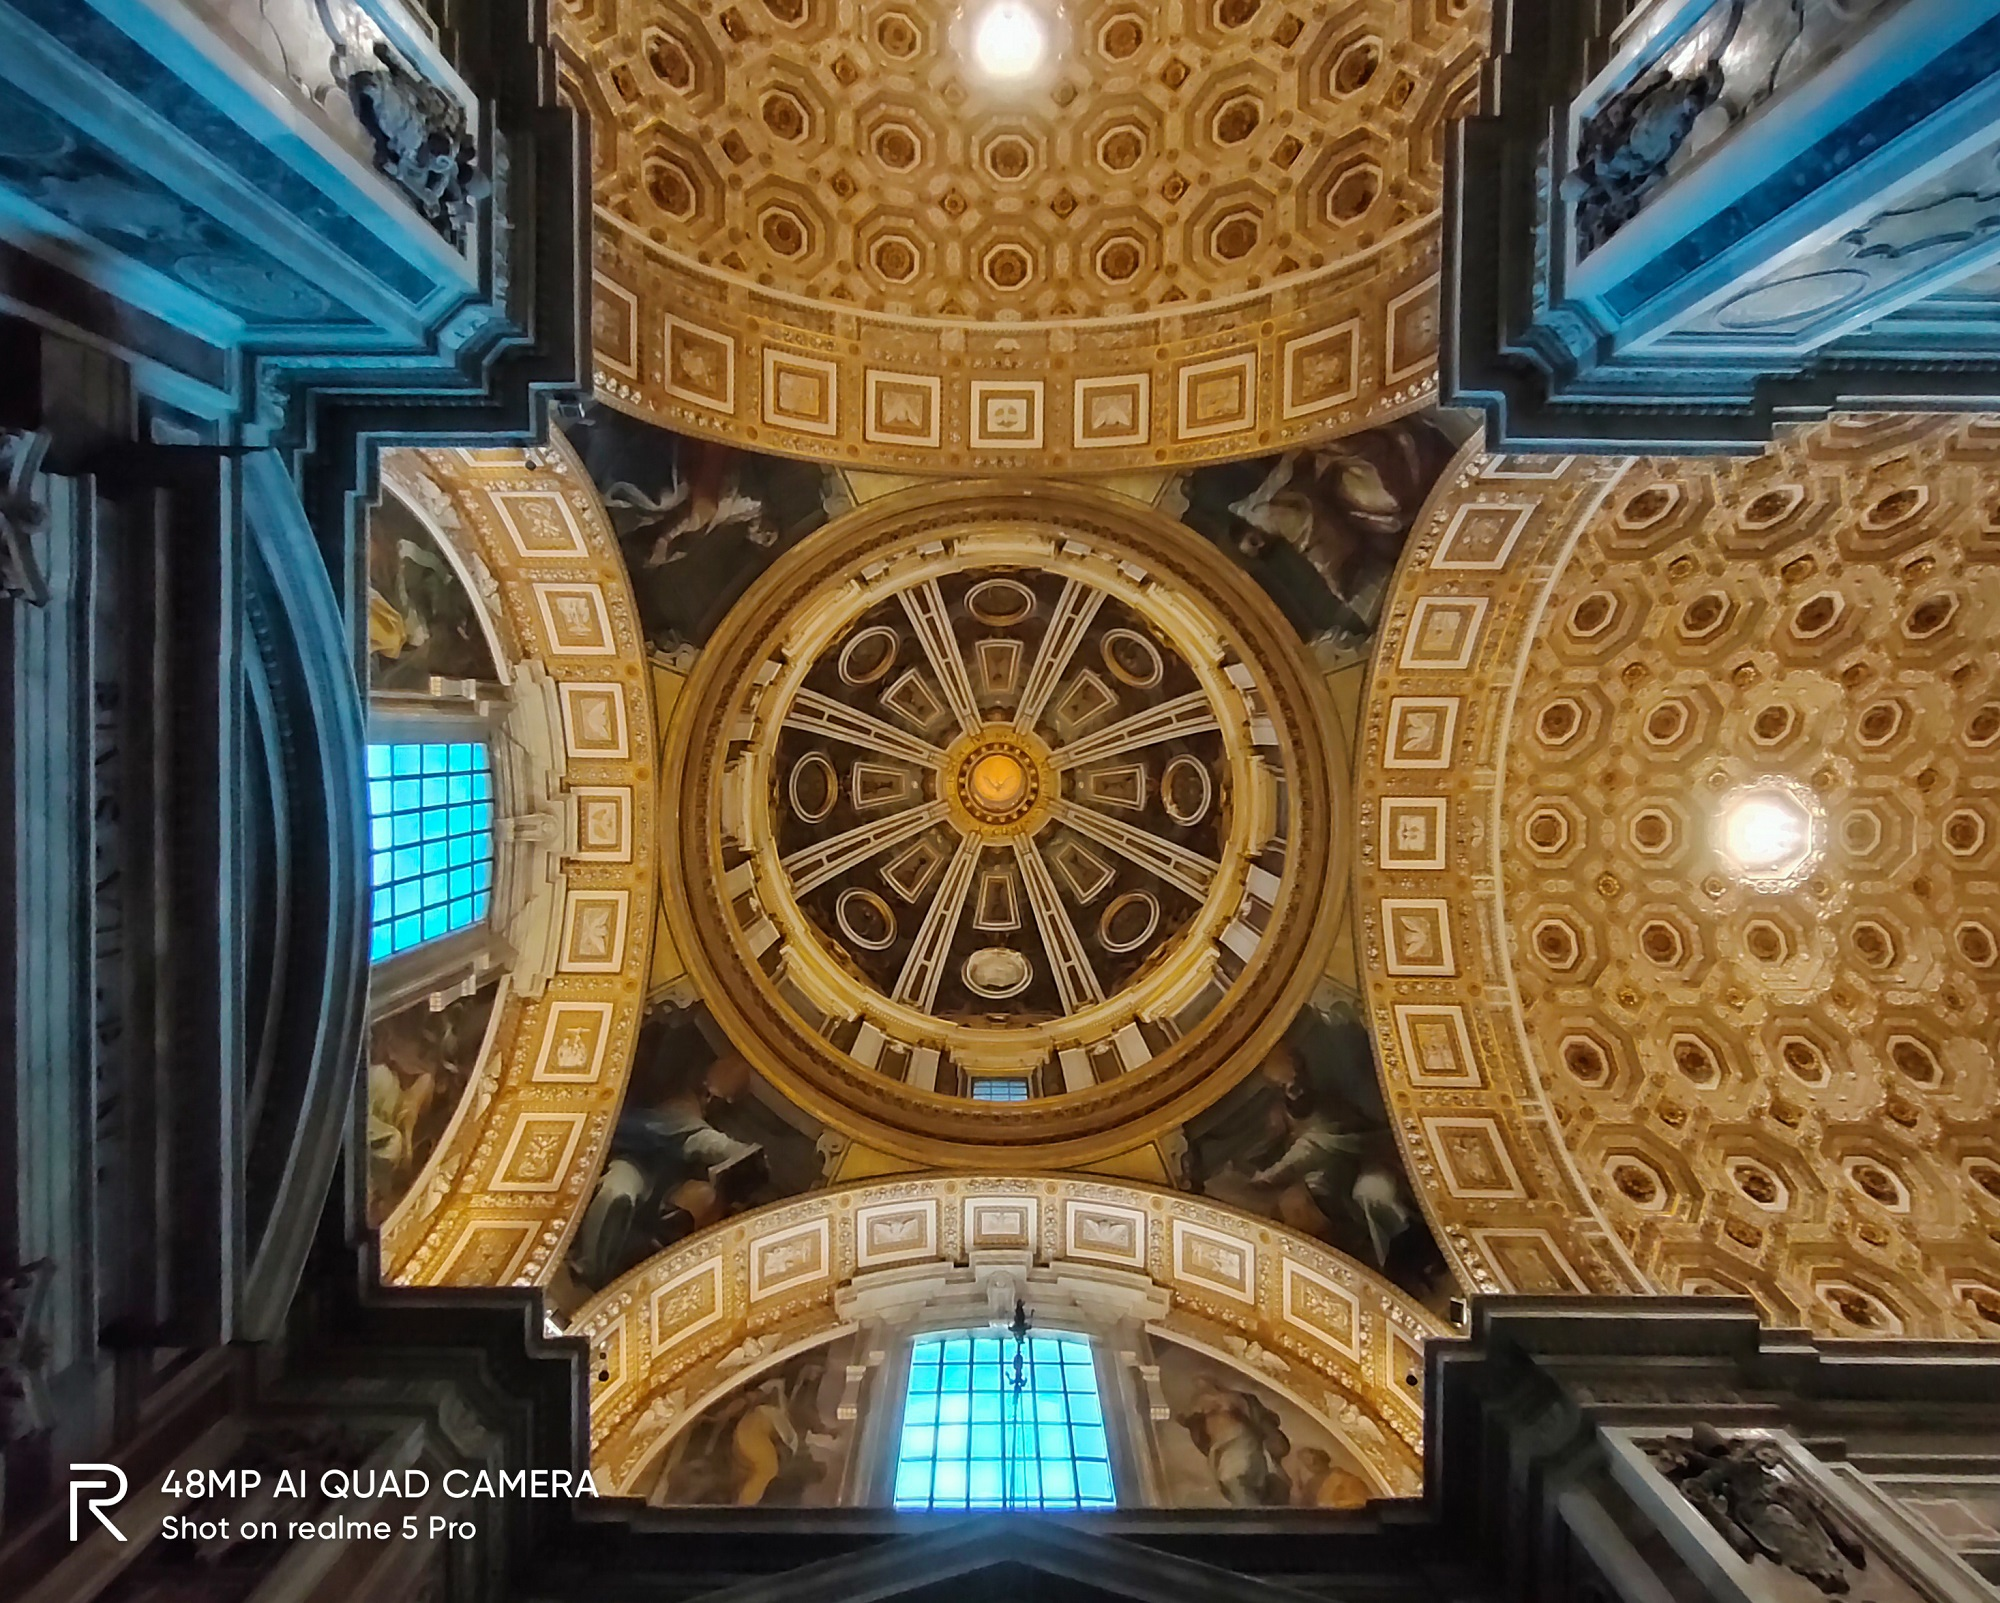 Mái vòm của nhà thờ St. Peter được chụp bằng camera góc rộng điện thoại Realme Pro 5